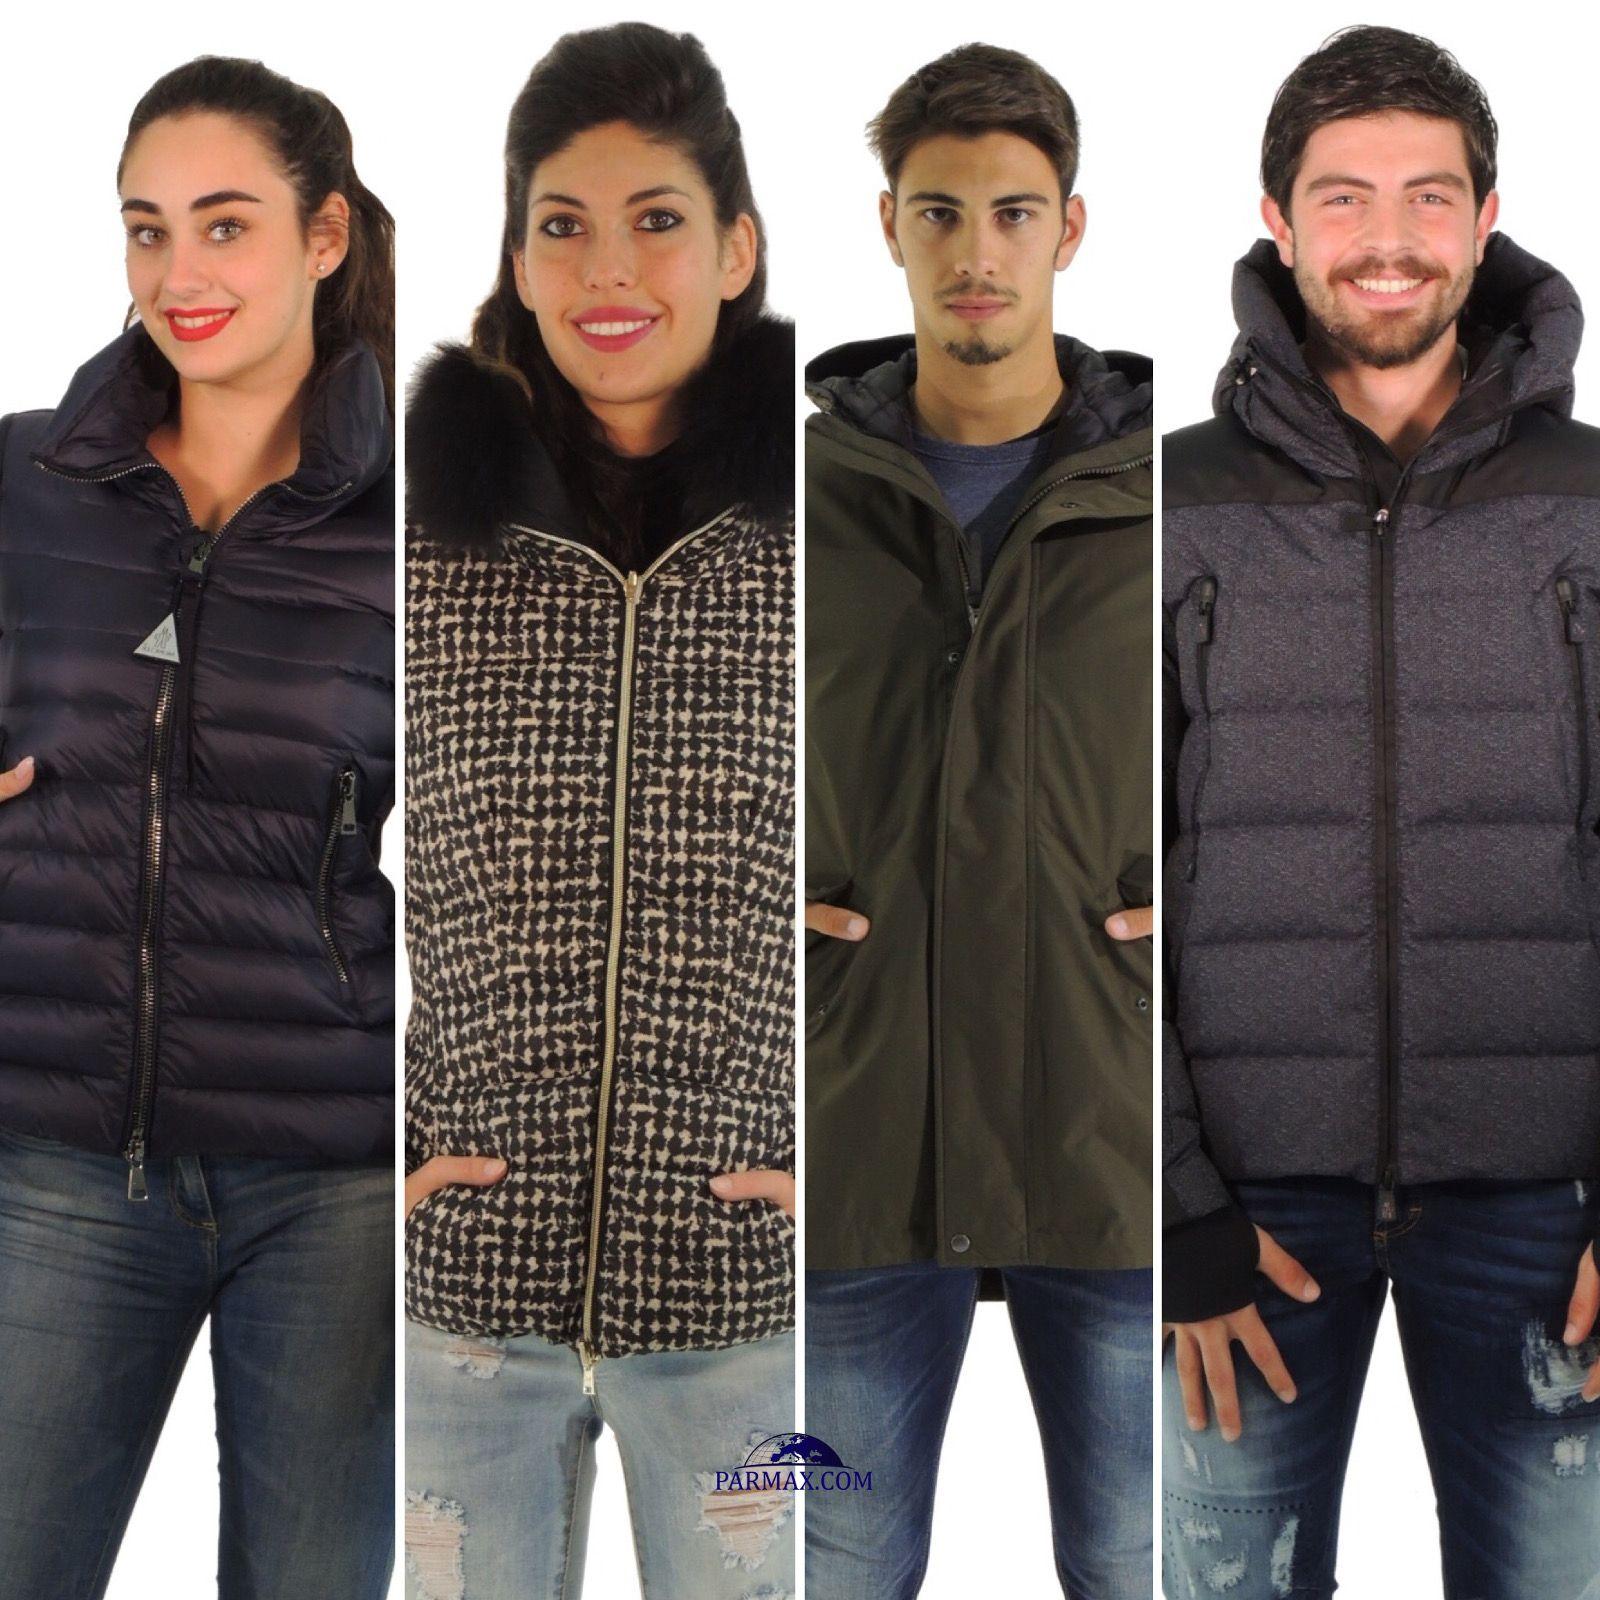 best service 0d2e9 1e12e Concediti i migliori #piumini #giubbini #jacket #sciarpe e ...